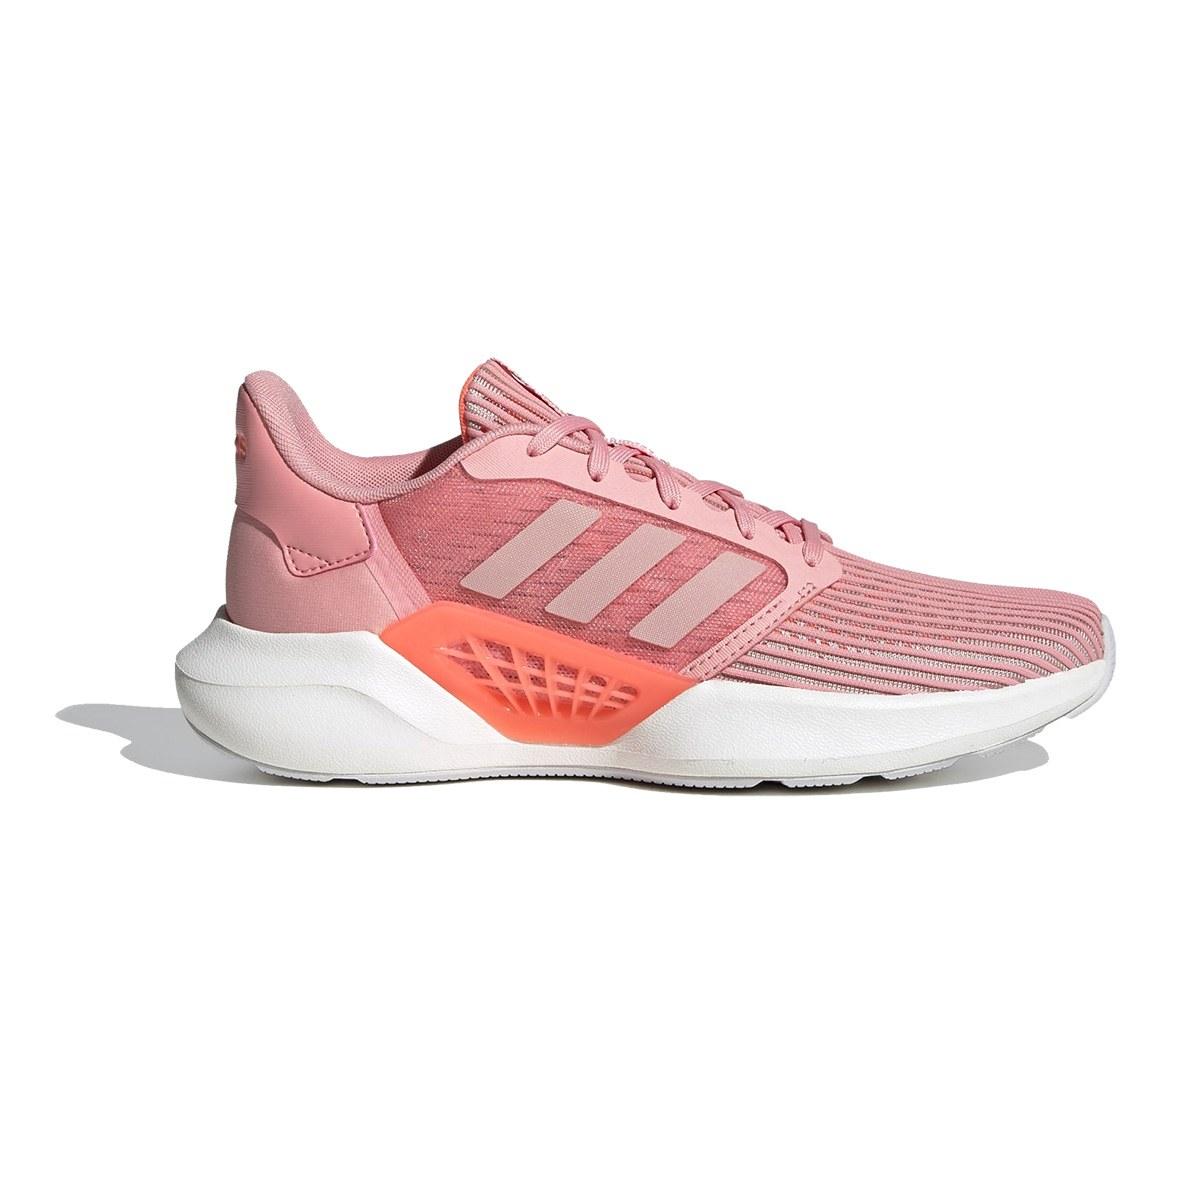 Tênis Adidas Ventice Feminino